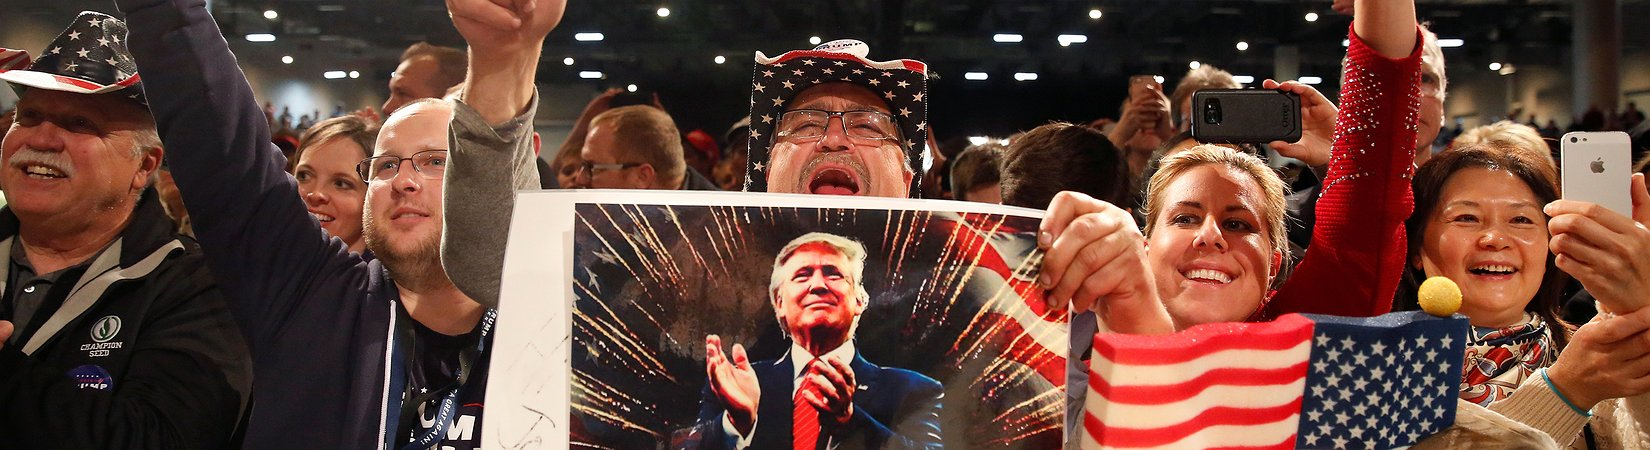 El impacto de la elección de Trump en el mercado de valores, un mes después